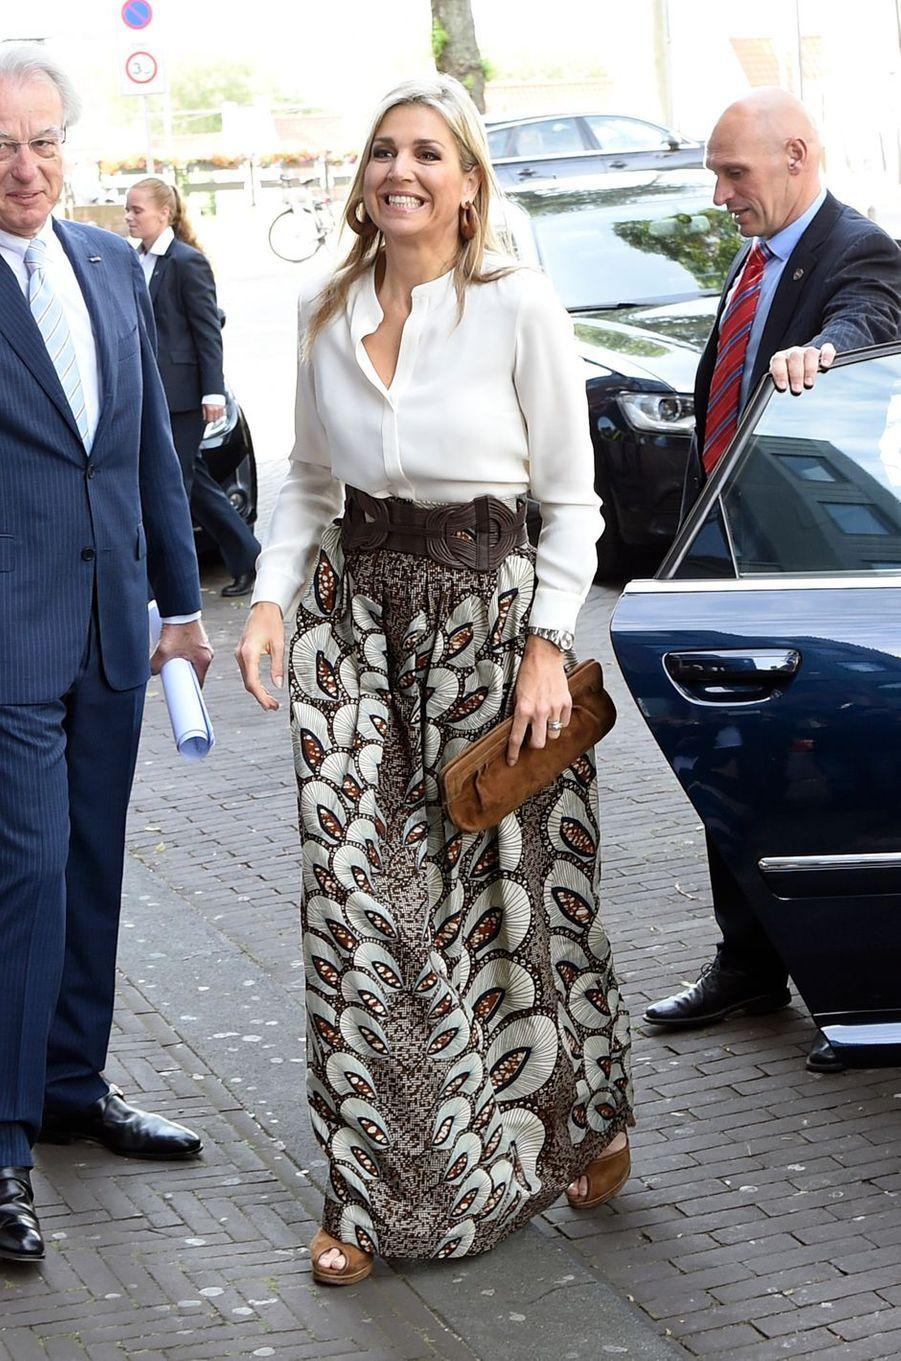 La reine Maxima des Pays-Bas à La Haye, le 10 juin 2016